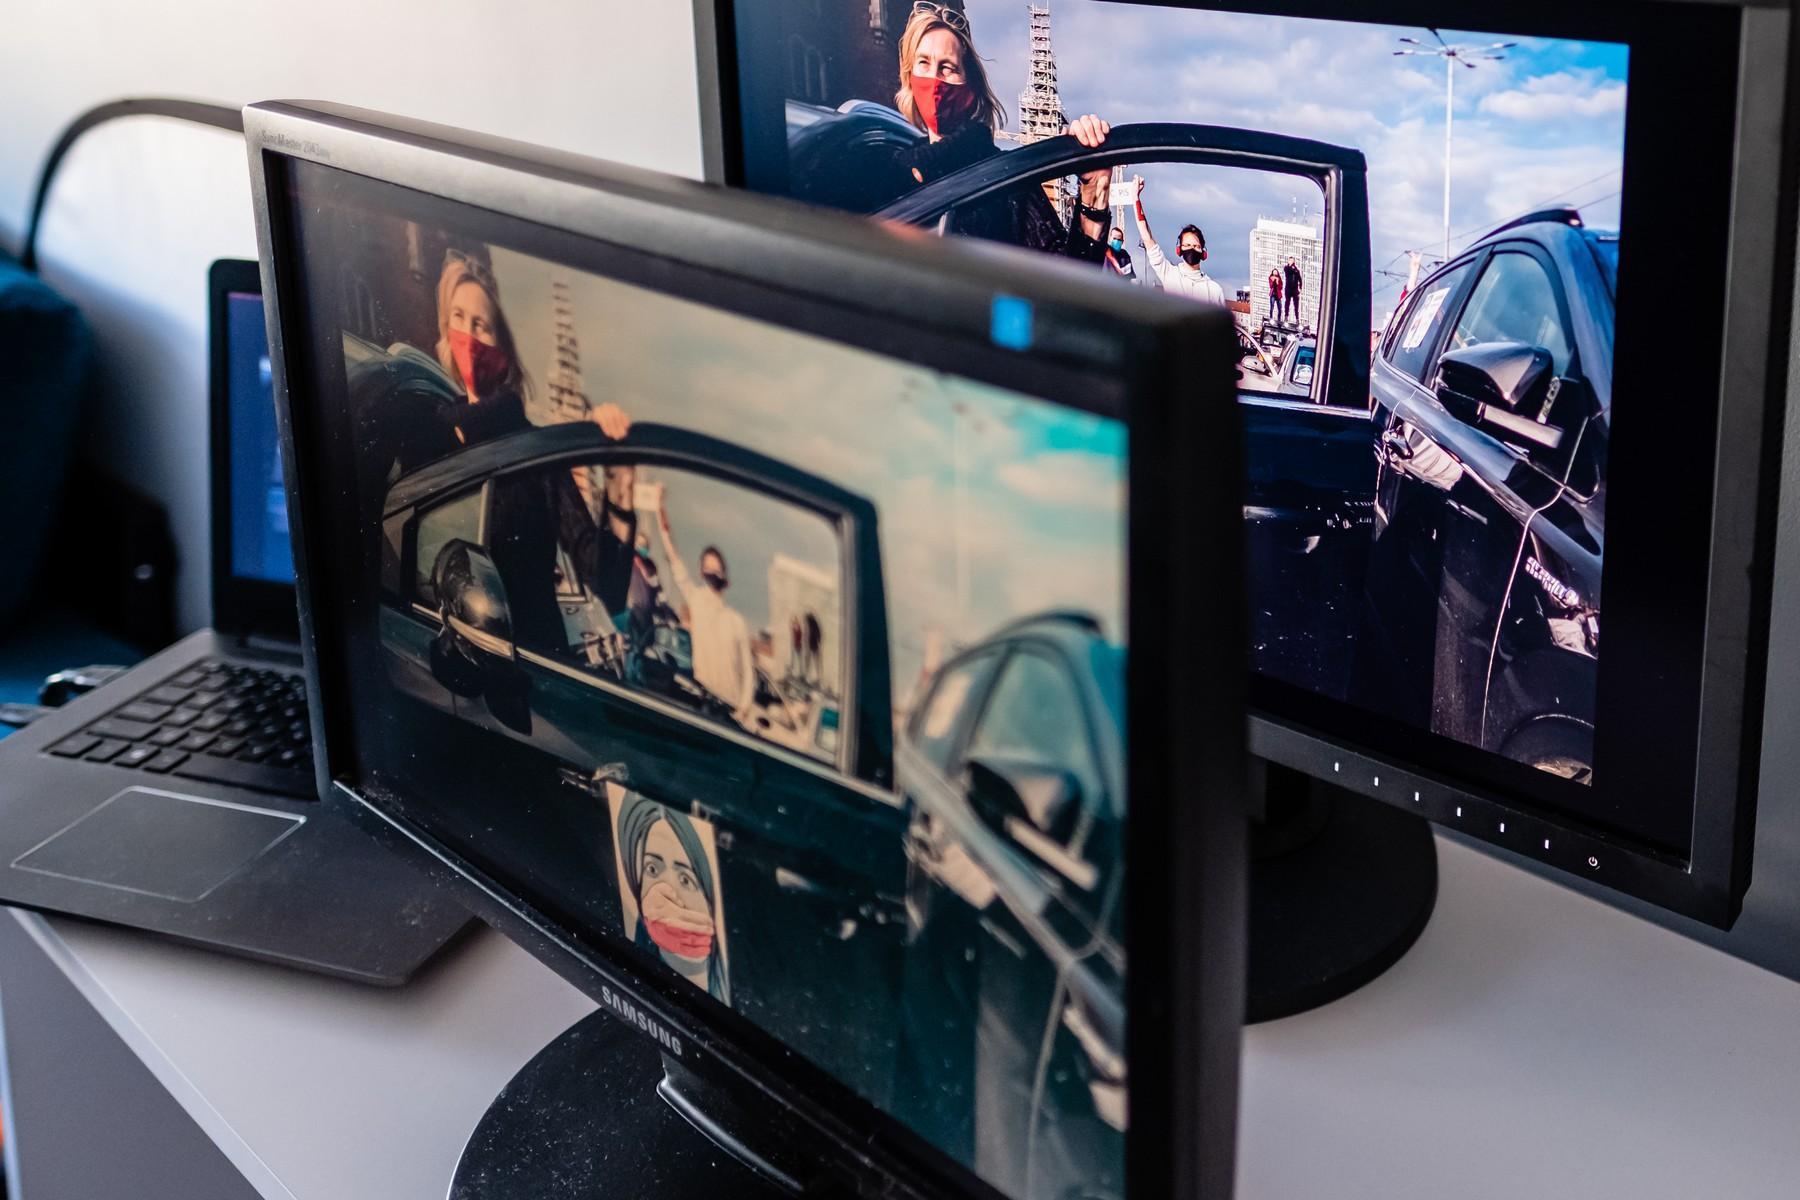 ... spojrzymy na te monitory pod kątem. Zakres możliwości. monitora biurowego brutalnie spada. Fot. Jarek Respondek